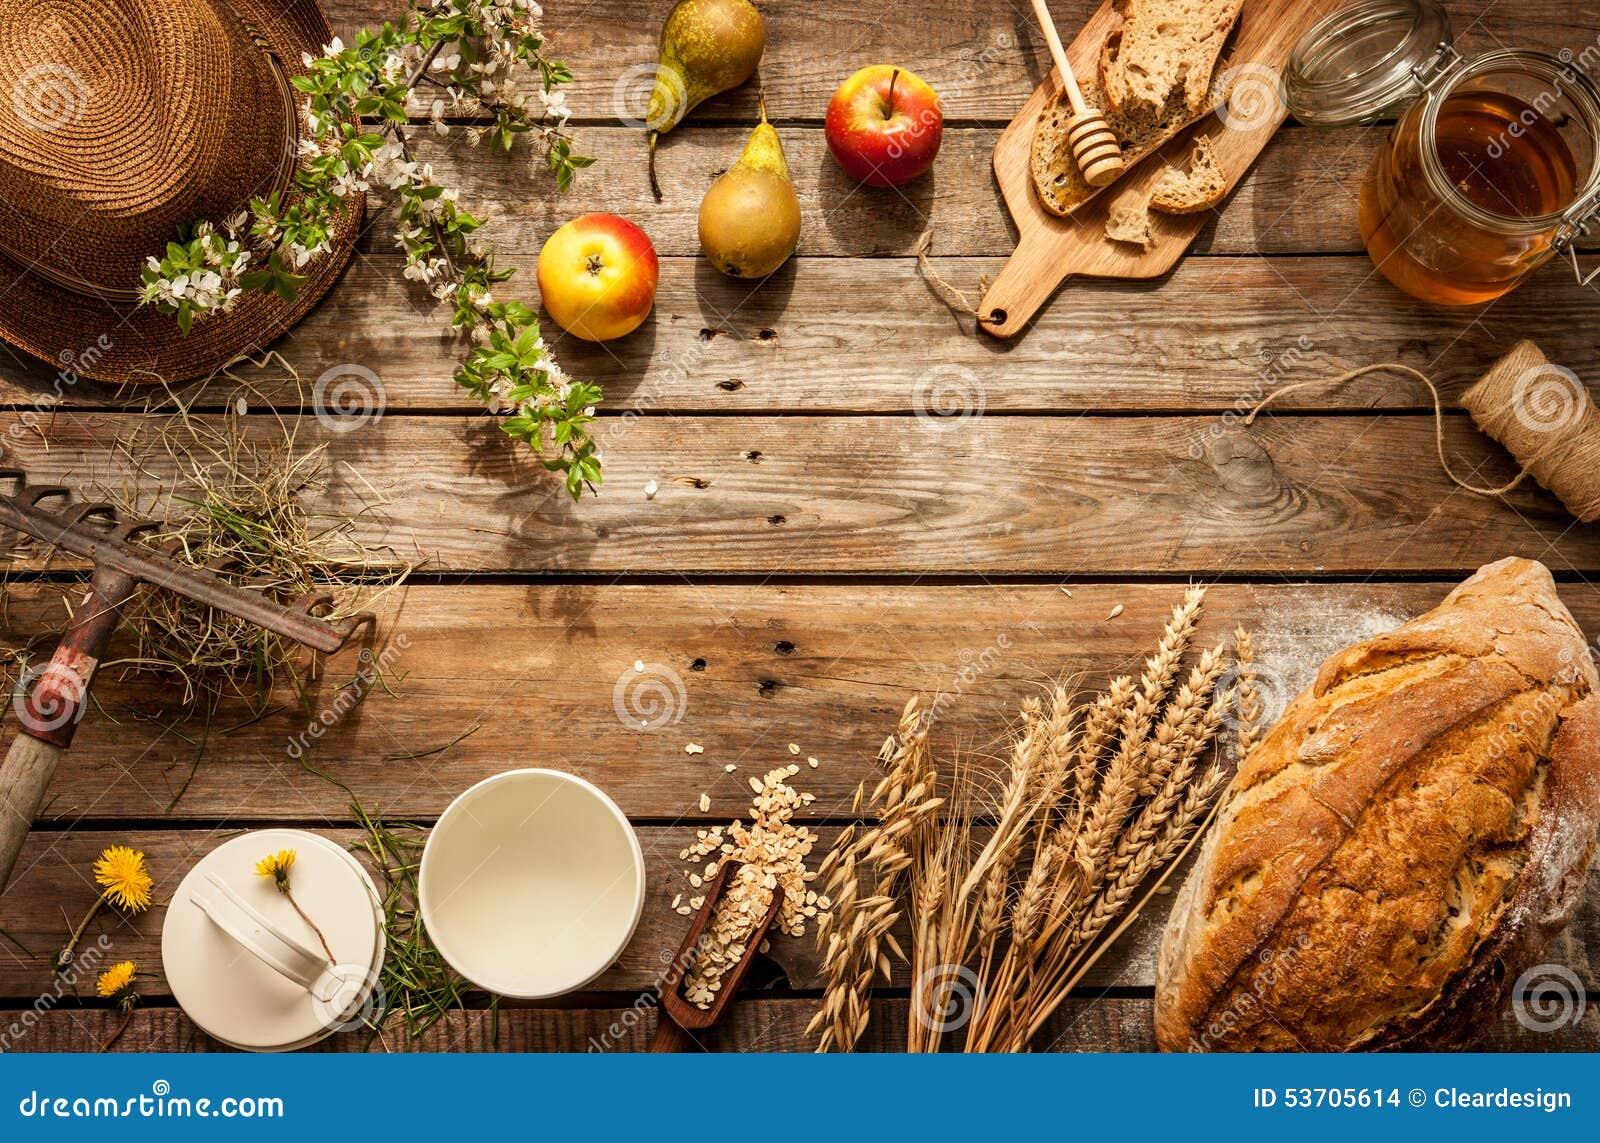 Natuurlijke lokale voedingsmiddelen op uitstekende houten lijst